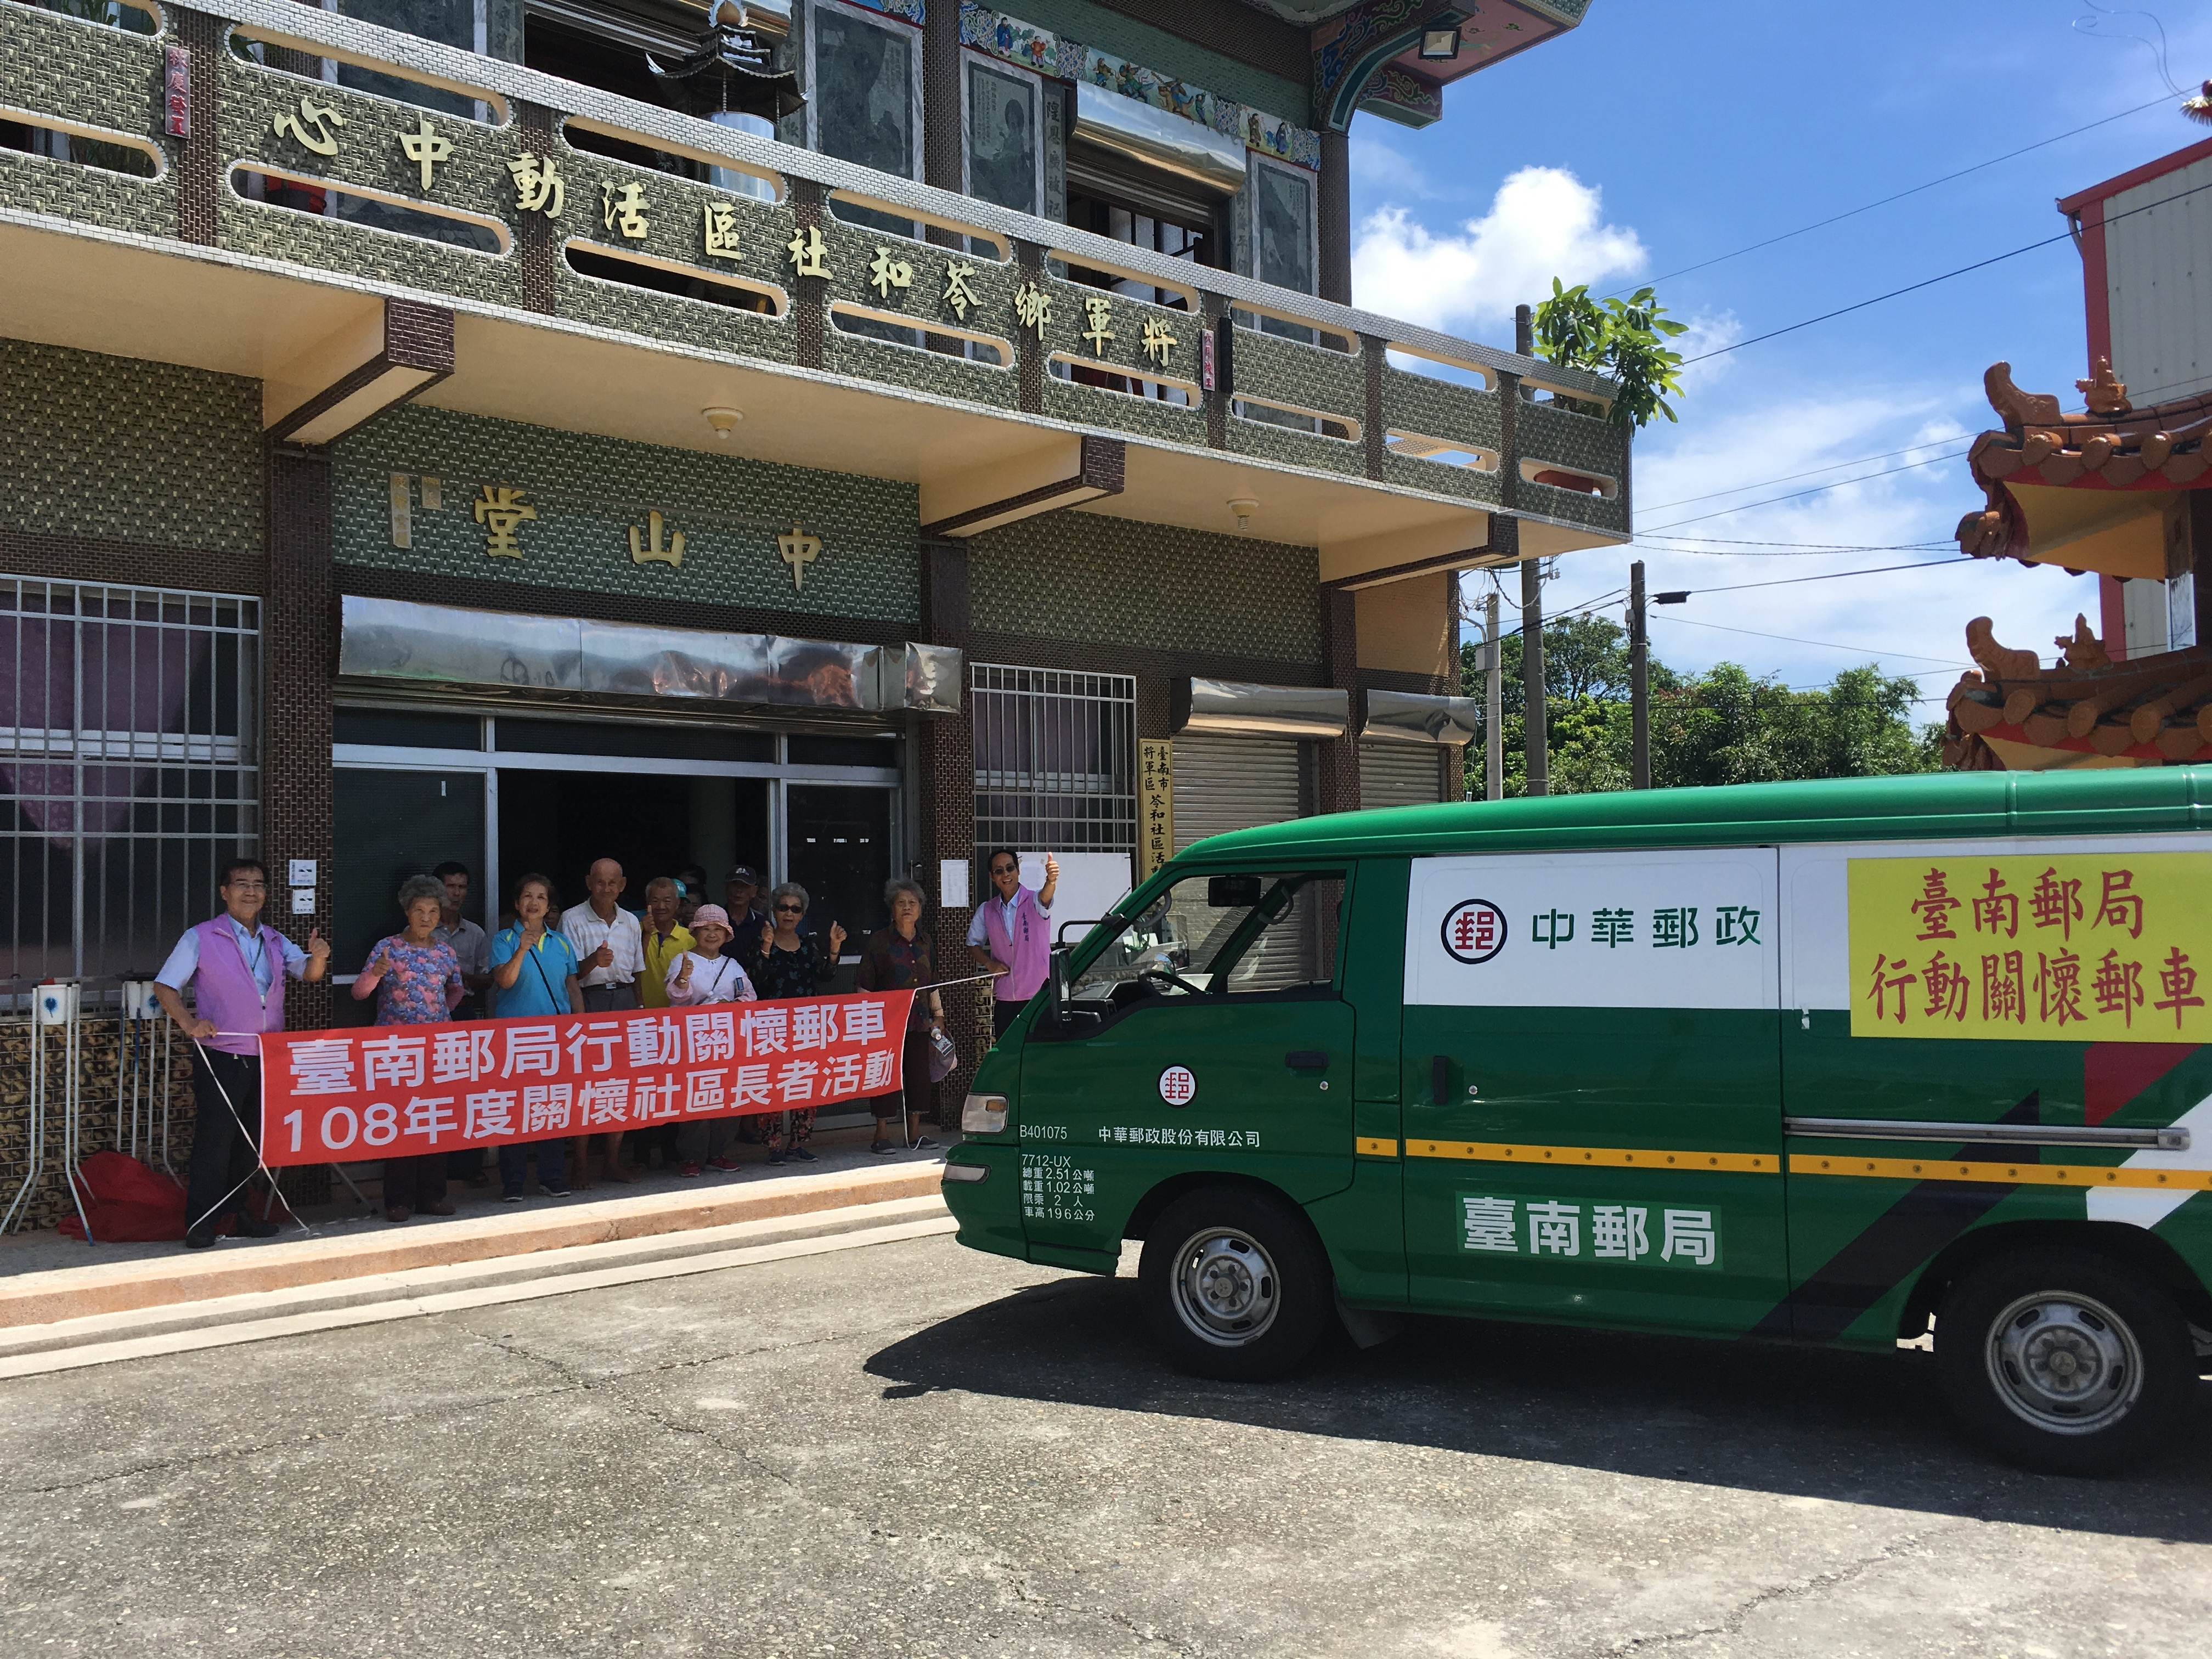 臺南郵局108年度一季一亮點-行動關懷郵車來到將軍囉!